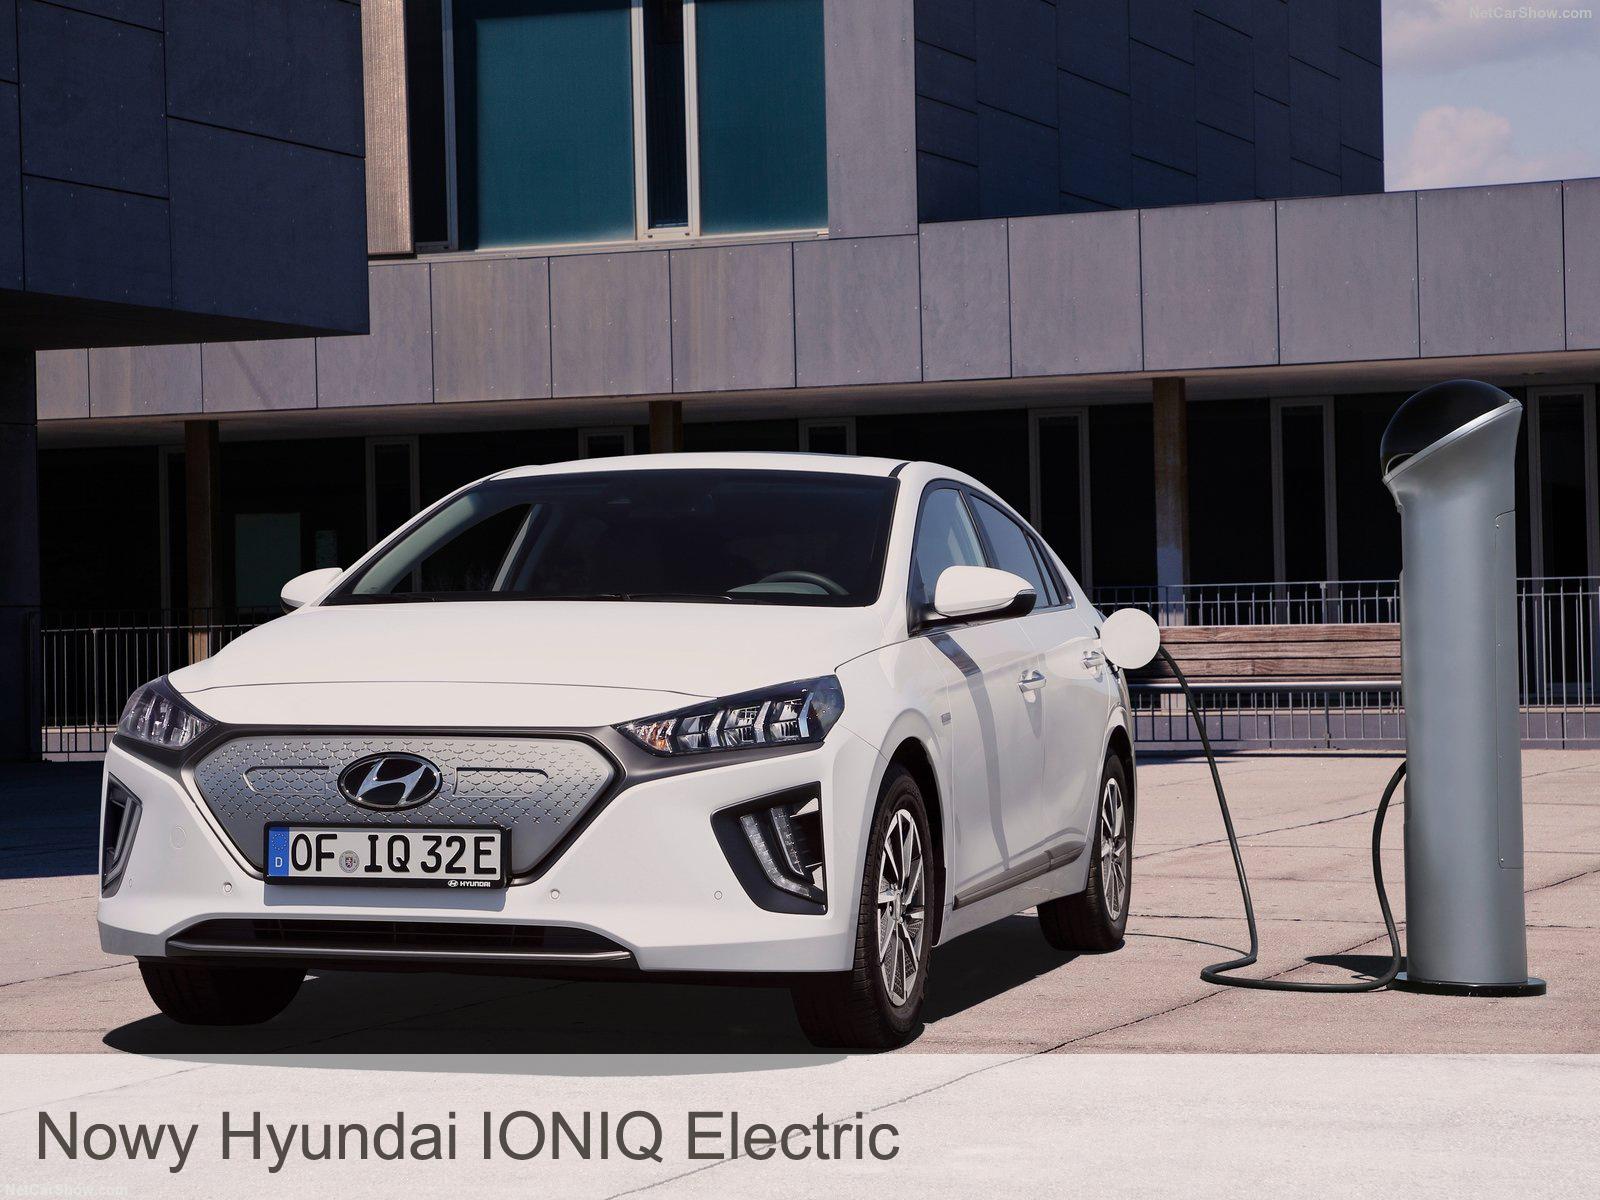 Nowy-Hyundai-IONIQ-Electric